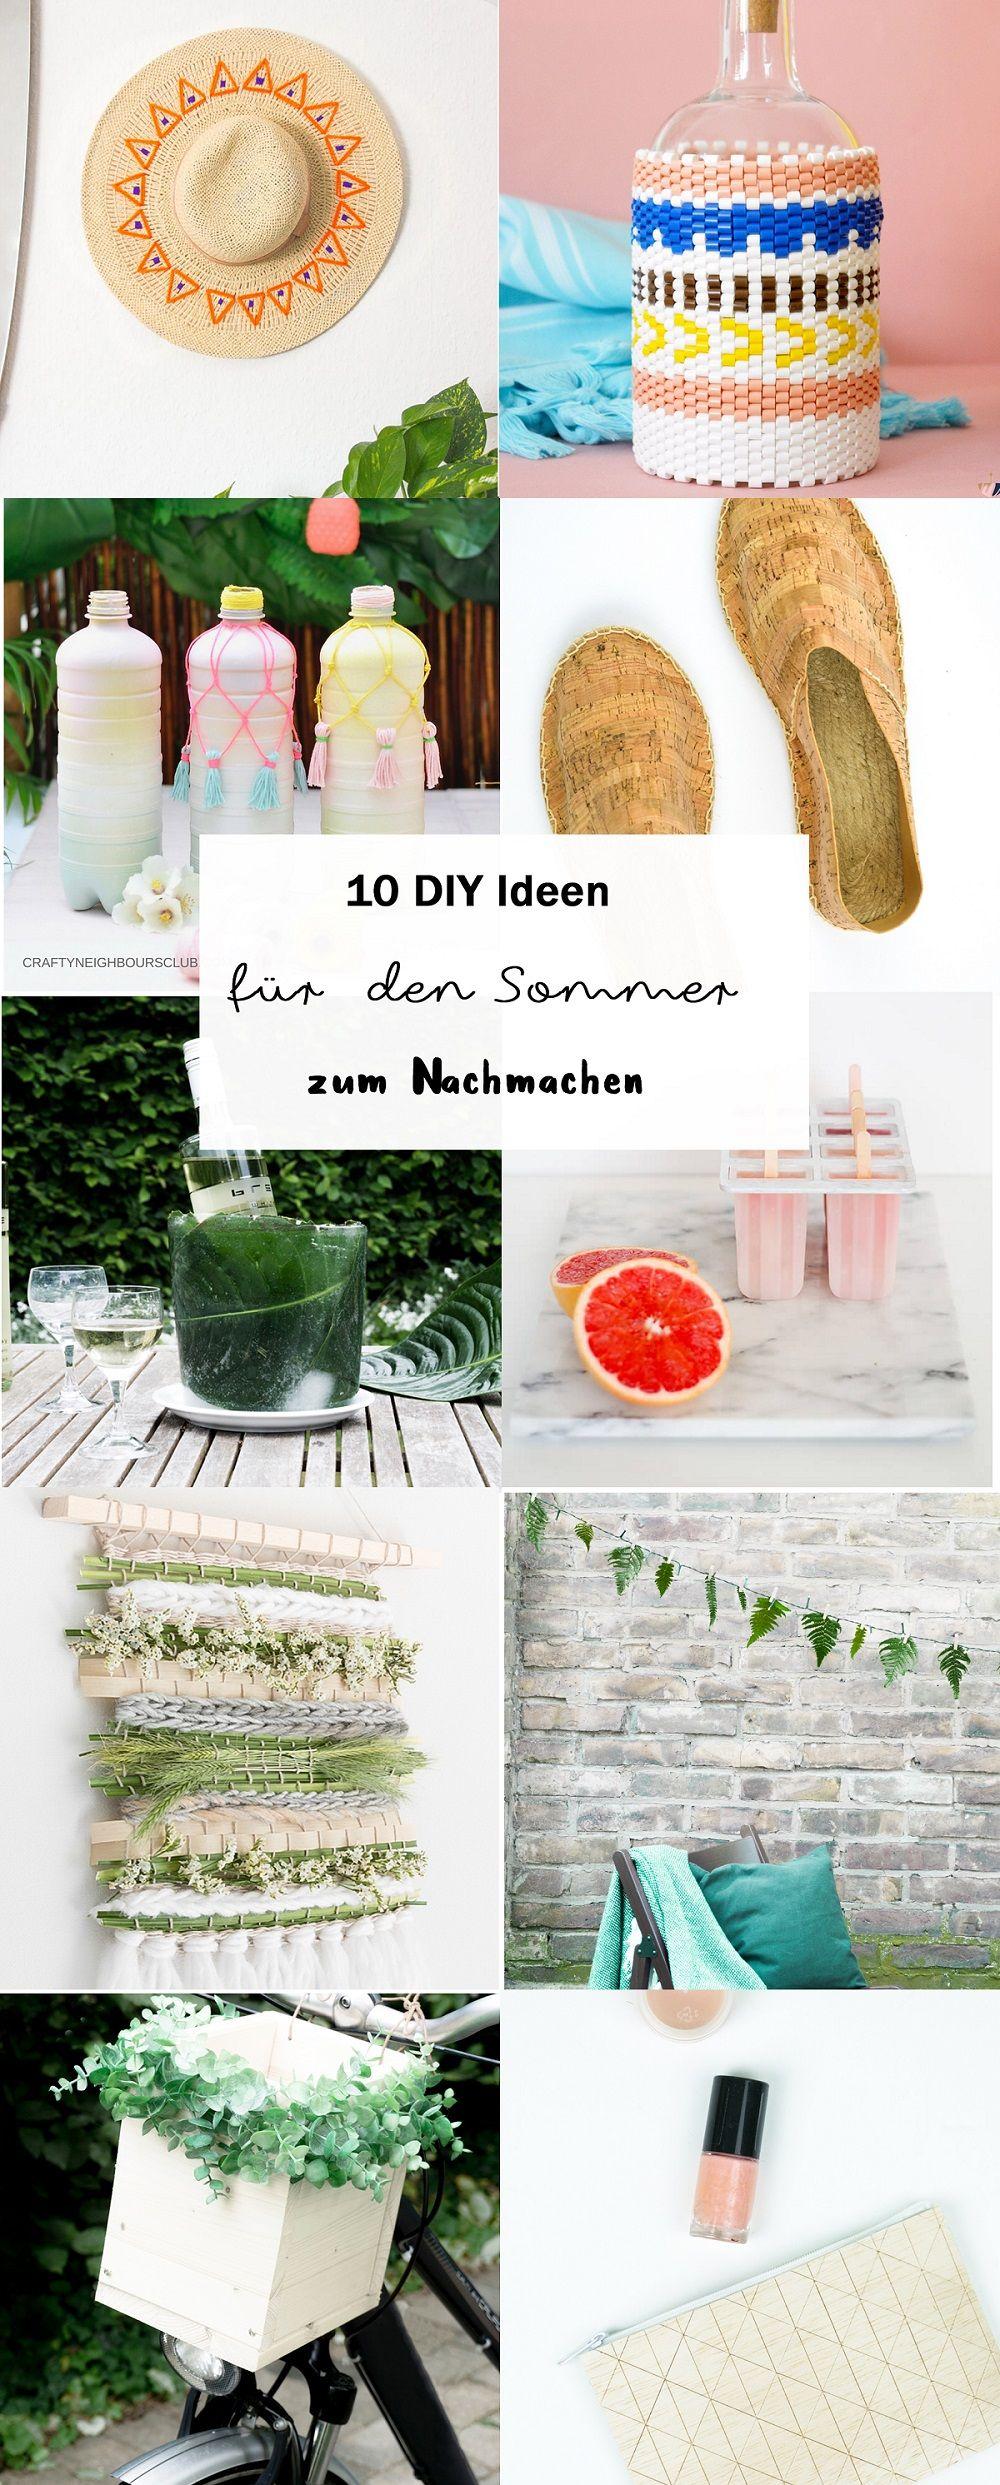 Deko Ideen Mit Steinen Im Garten Frisch 10 Diy Bastelideen Für Den sommer